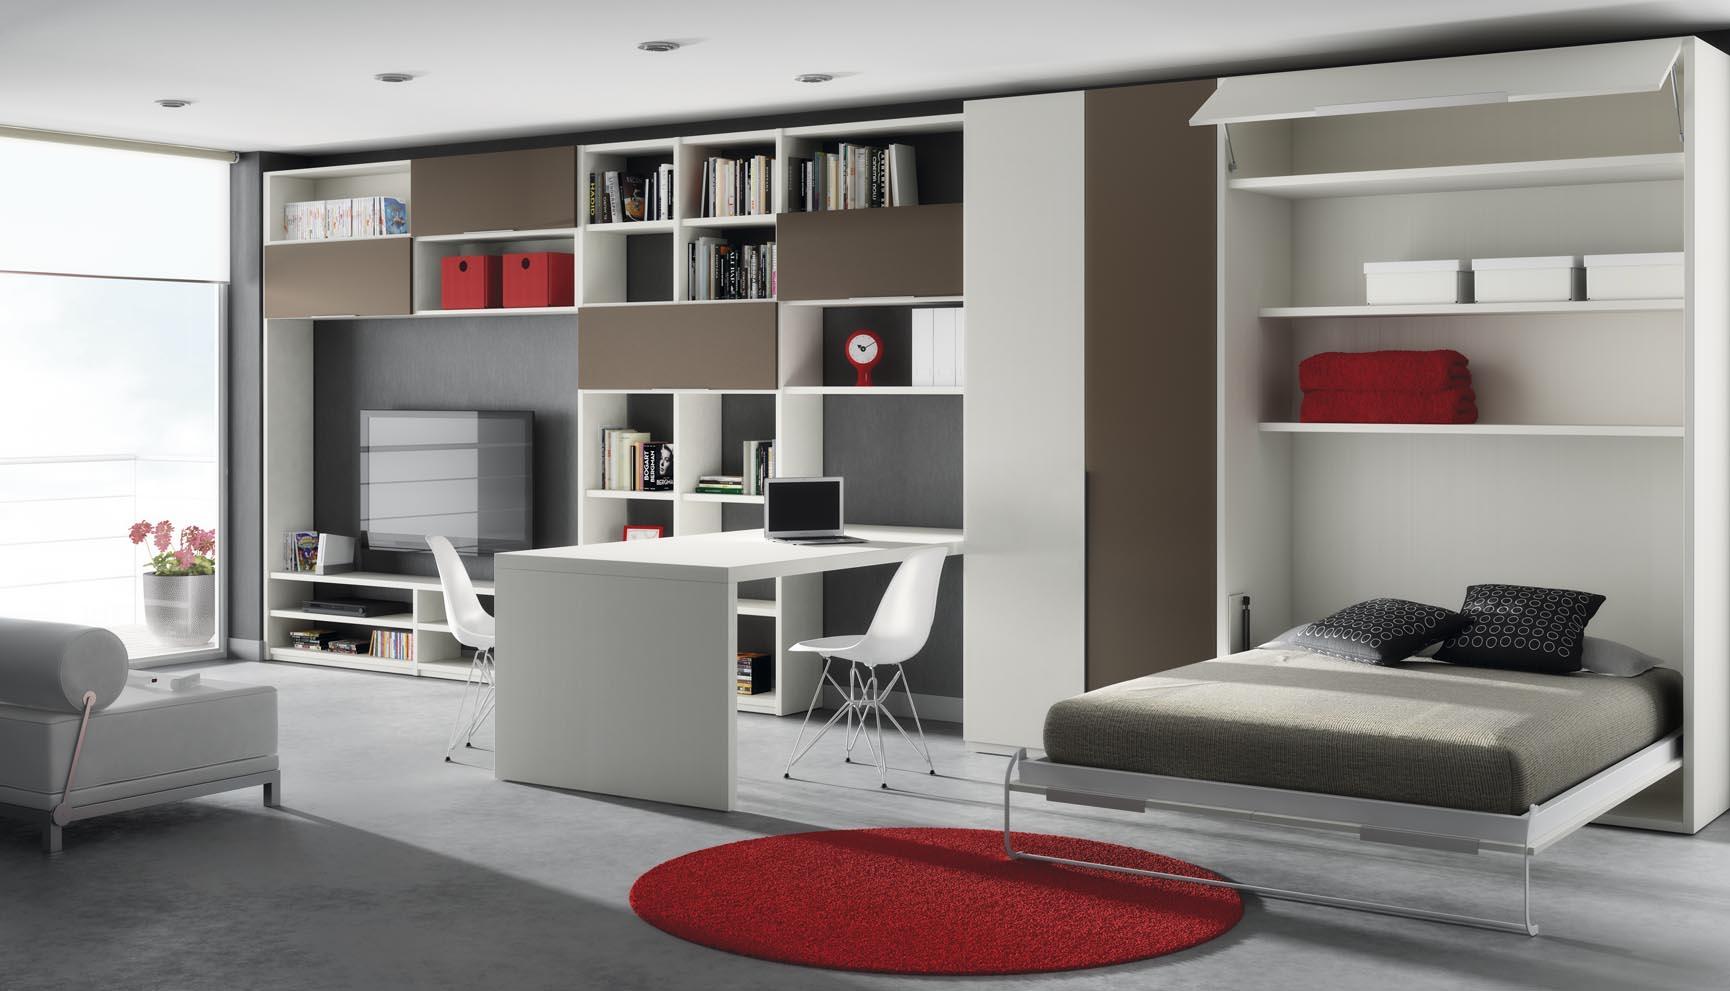 Muebles de salon y dormitorio